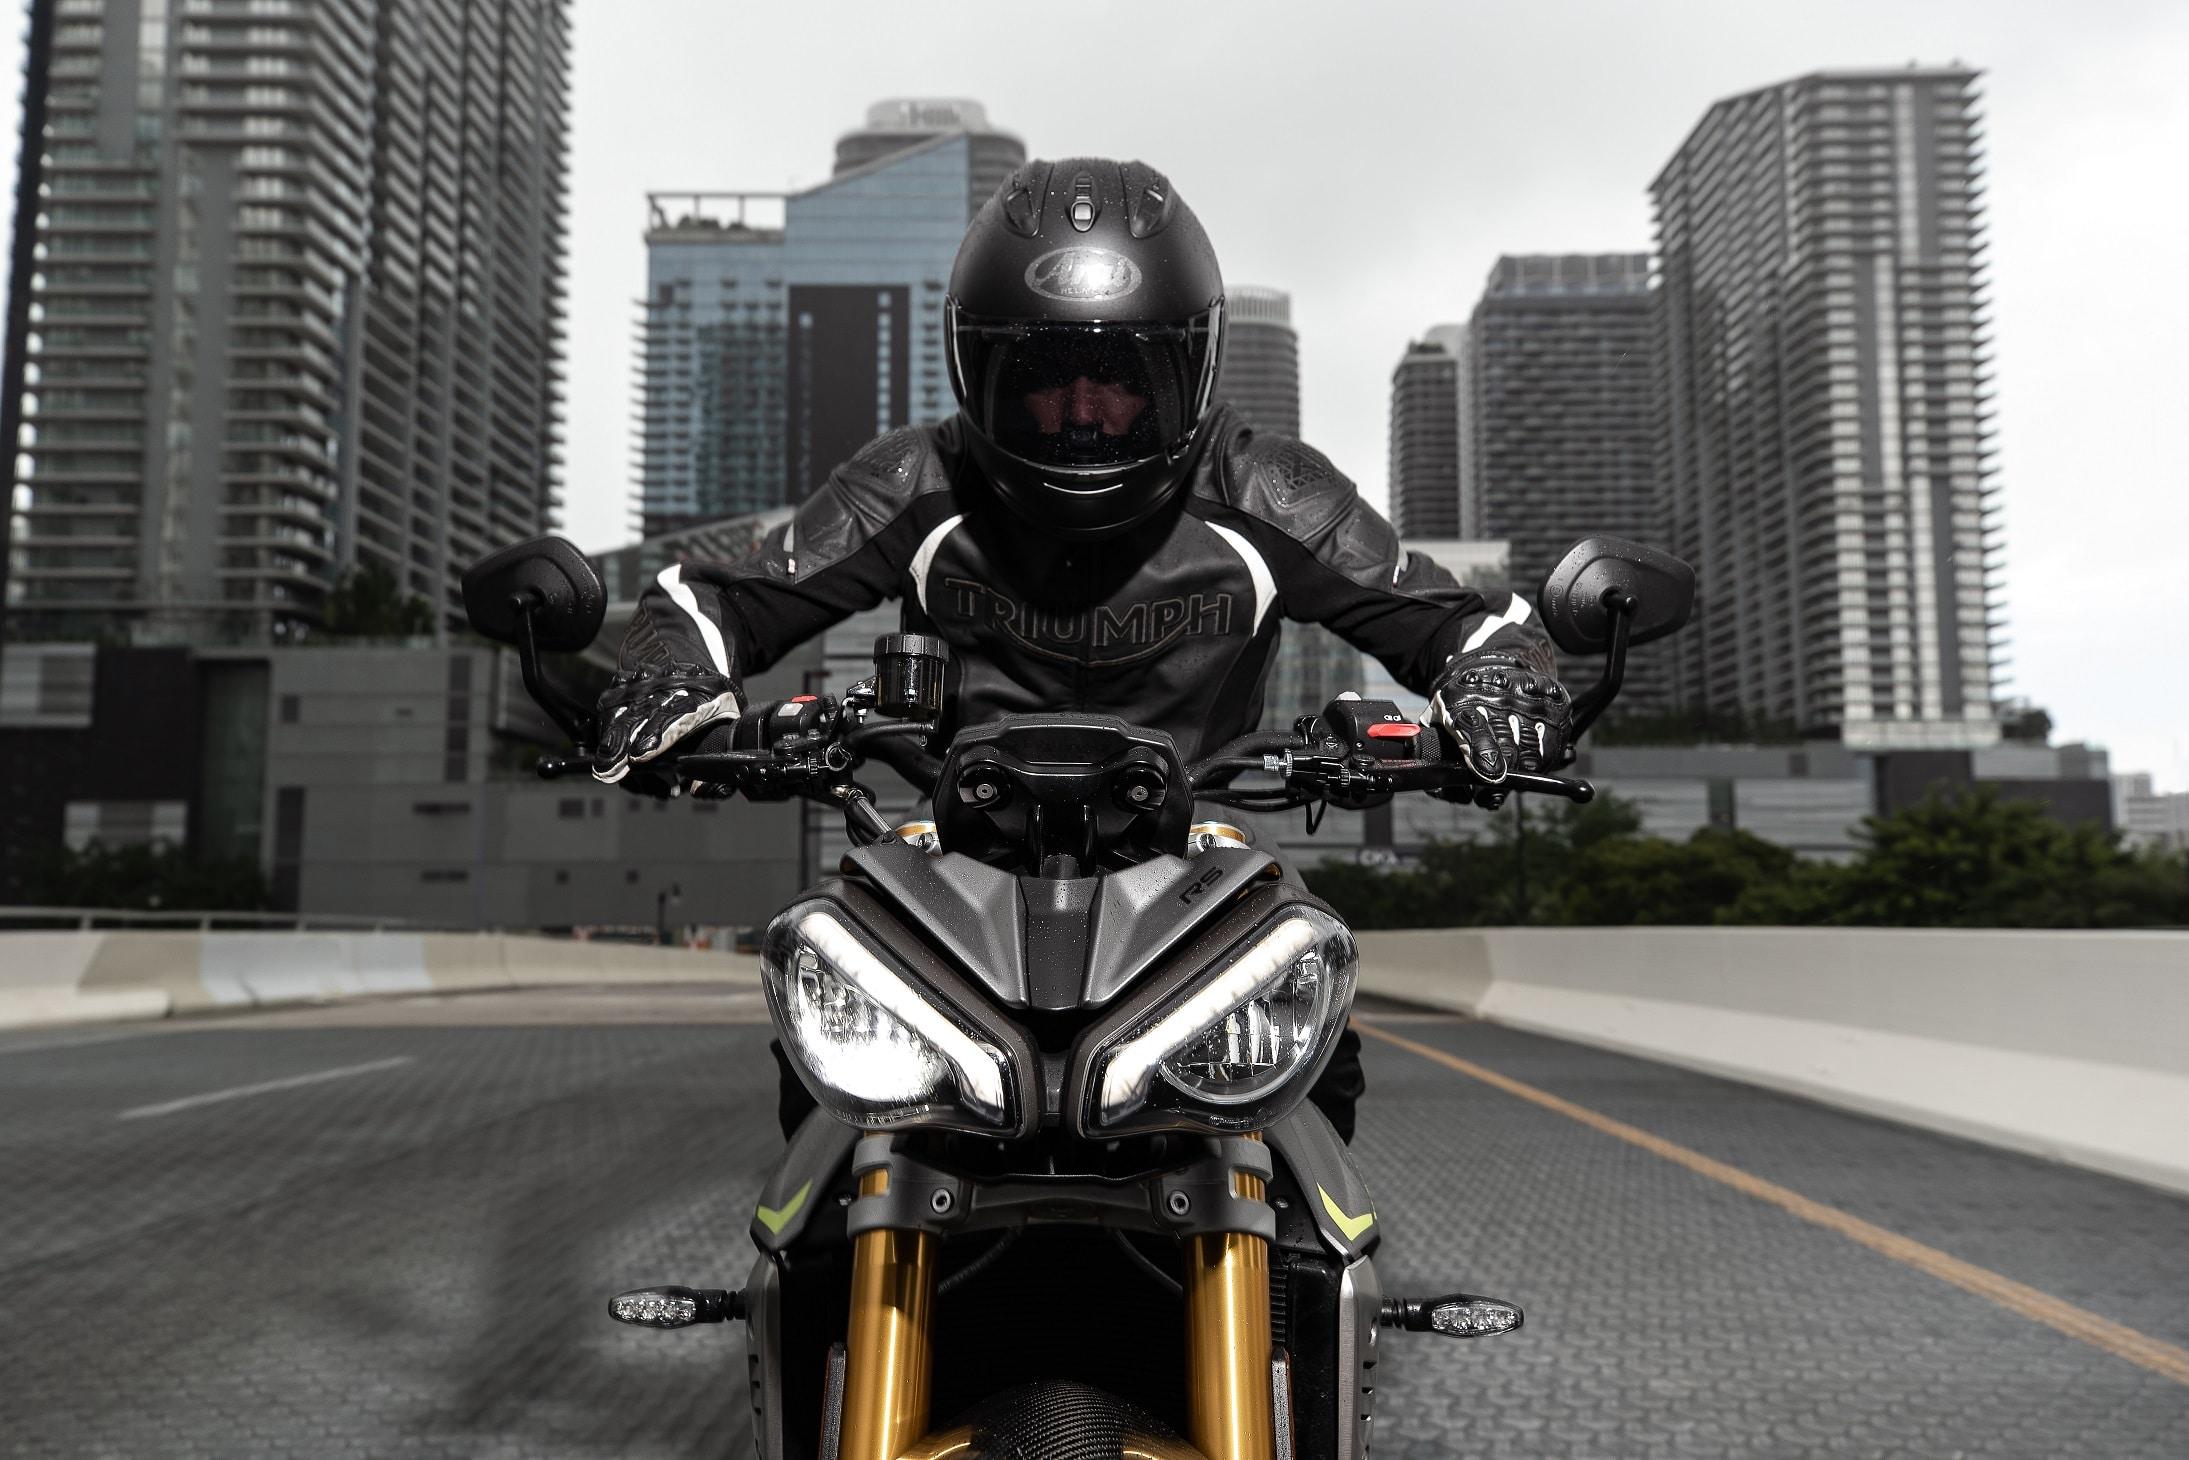 Nuova Triumph Speed Triple 1200 RS: foto e dati ufficiali